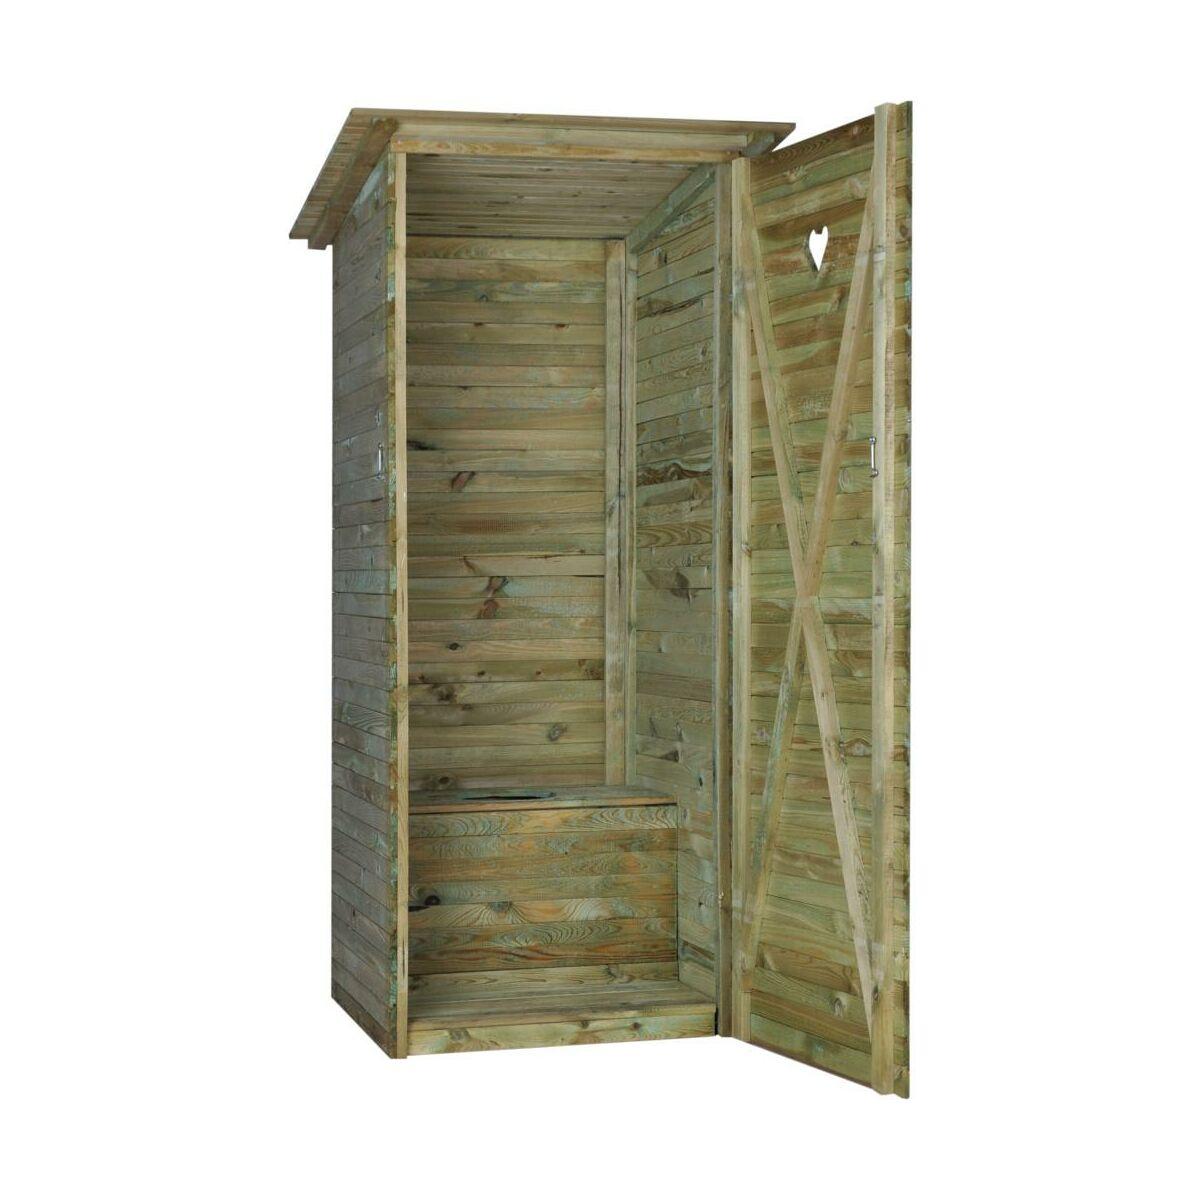 Inne rodzaje Toaleta 100 x 110 cm SOBEX - Domki ogrodowe i narzędziowe - w VZ37